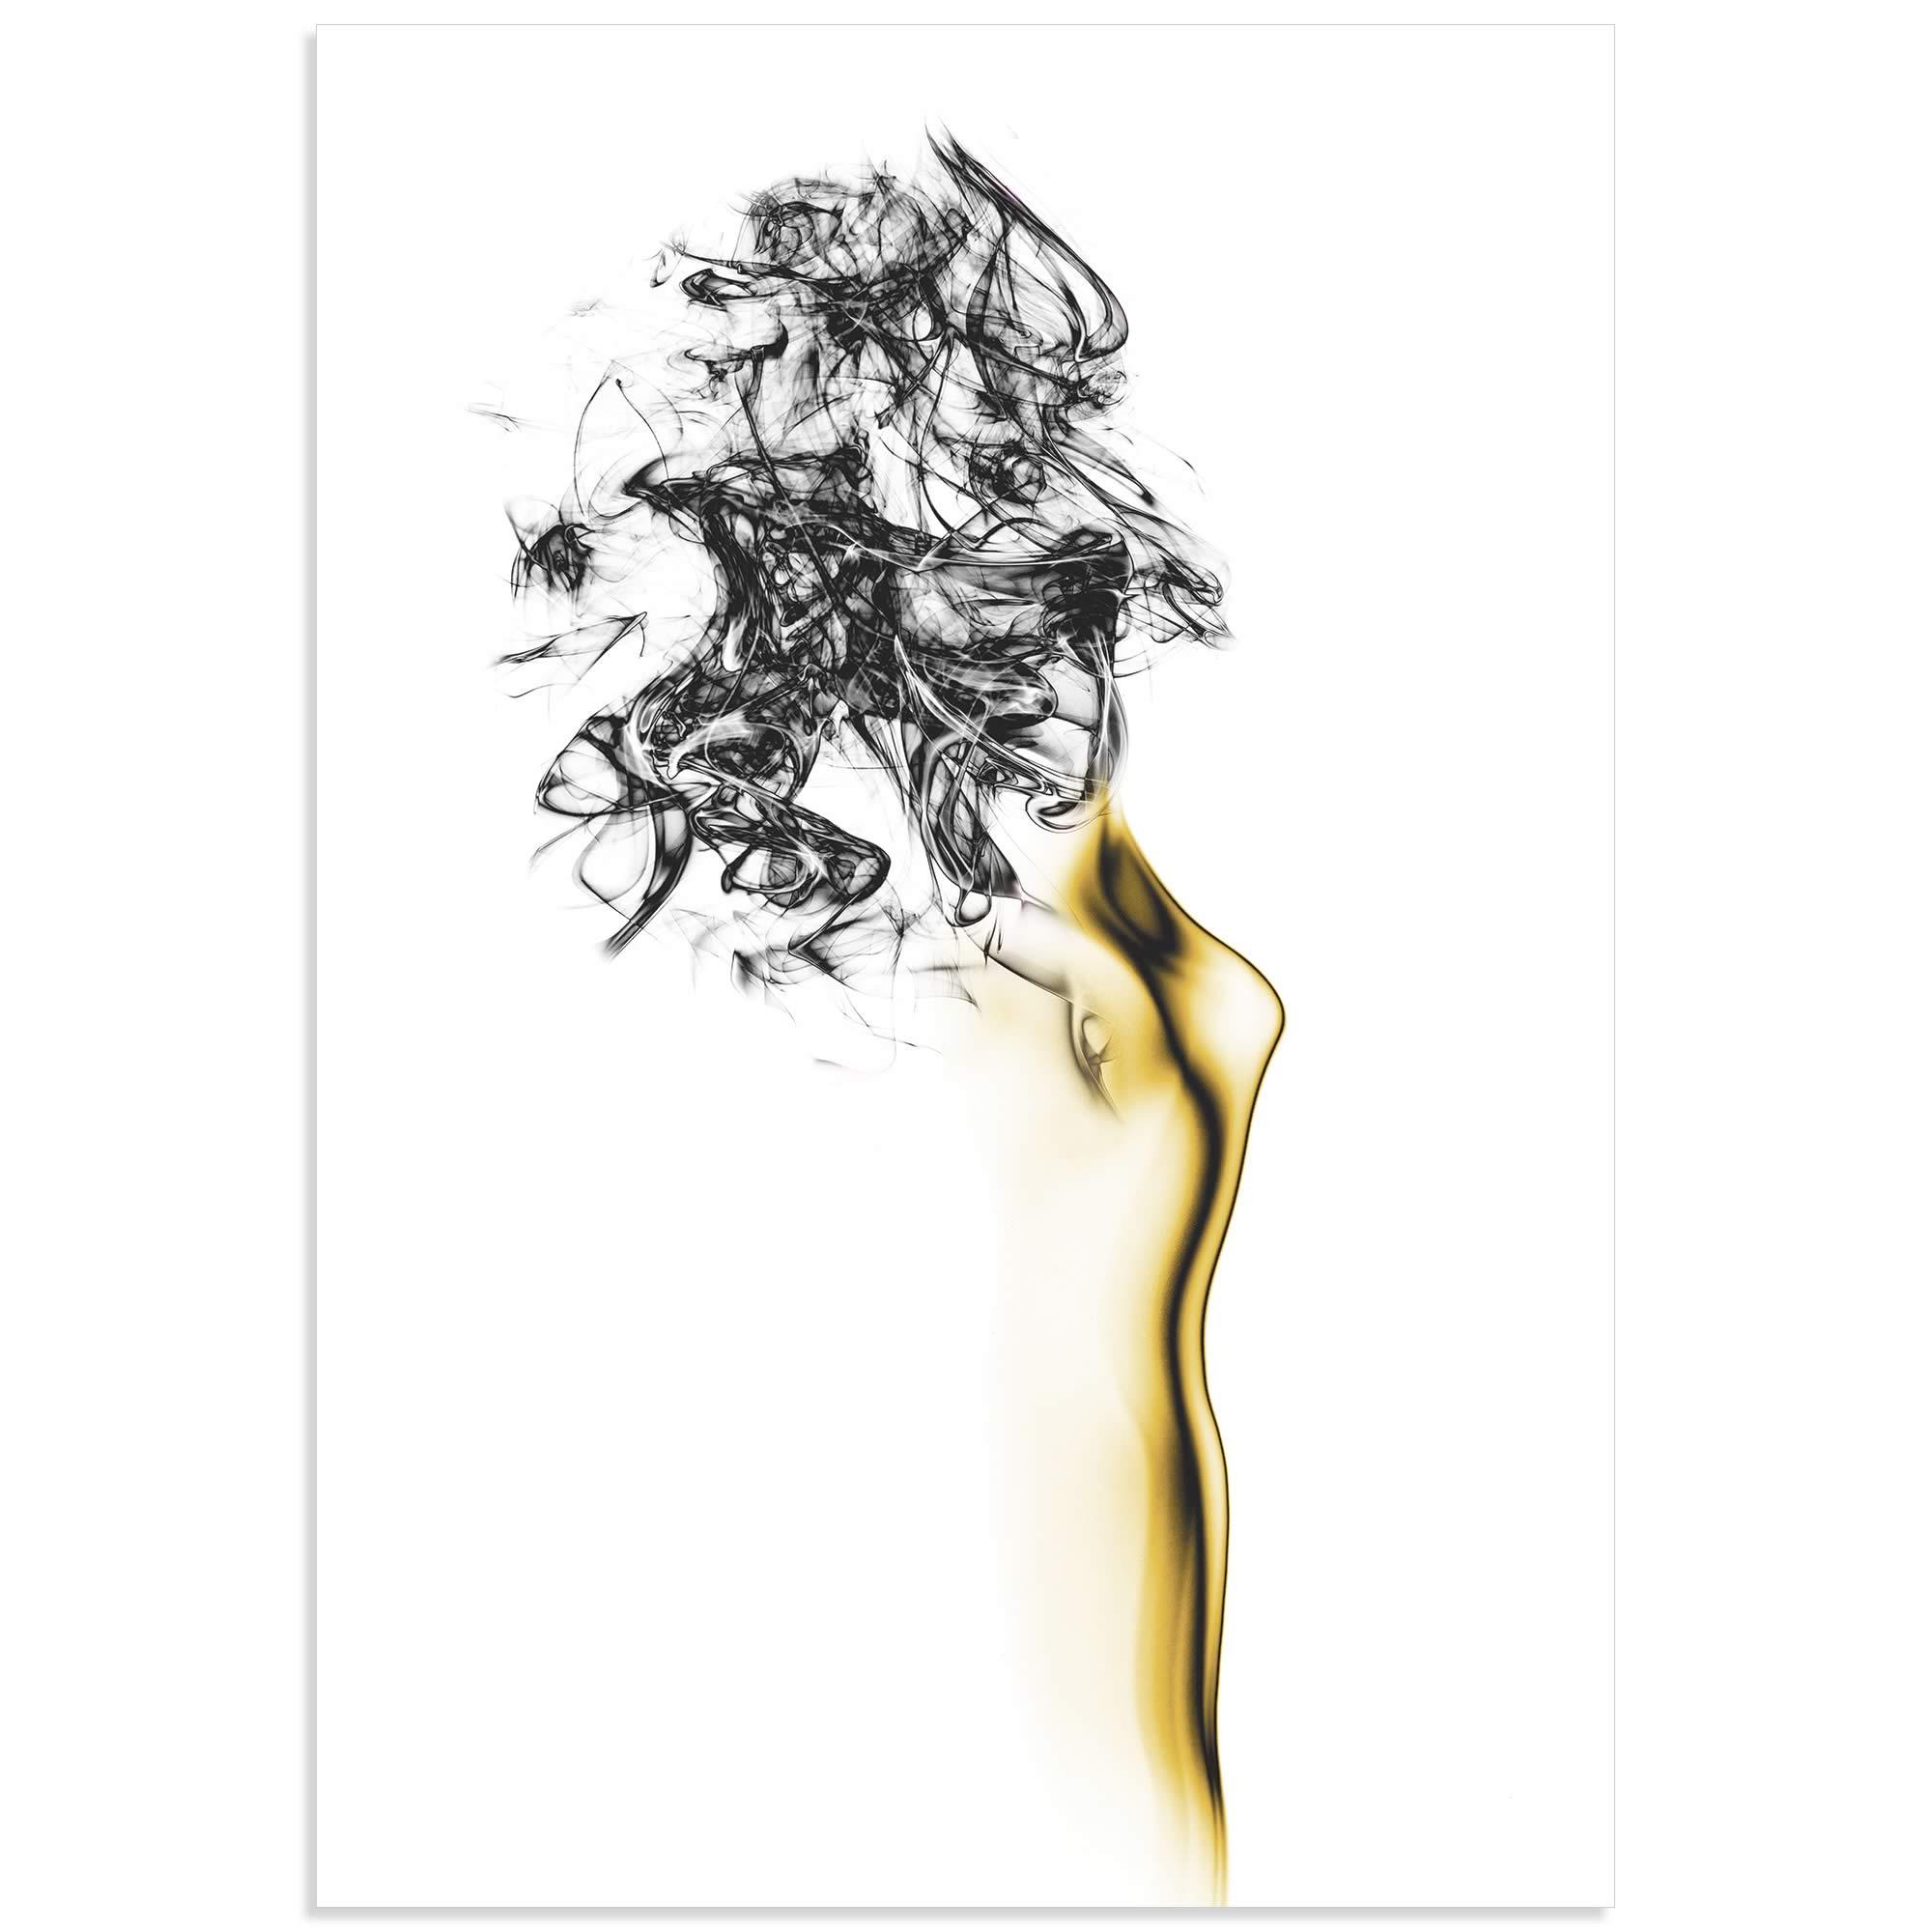 Naked Abstract II by Roberto Marini - Female Figure on Metal or Acrylic